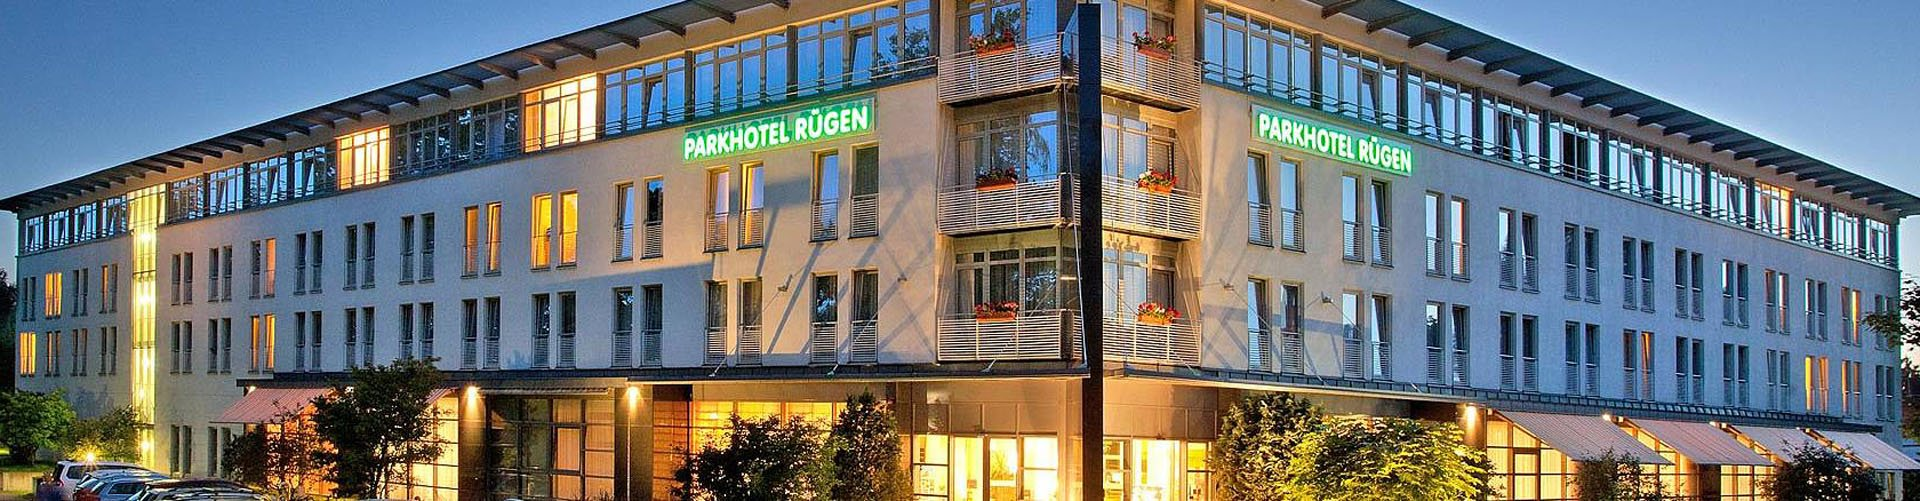 Parkhotel Rugen